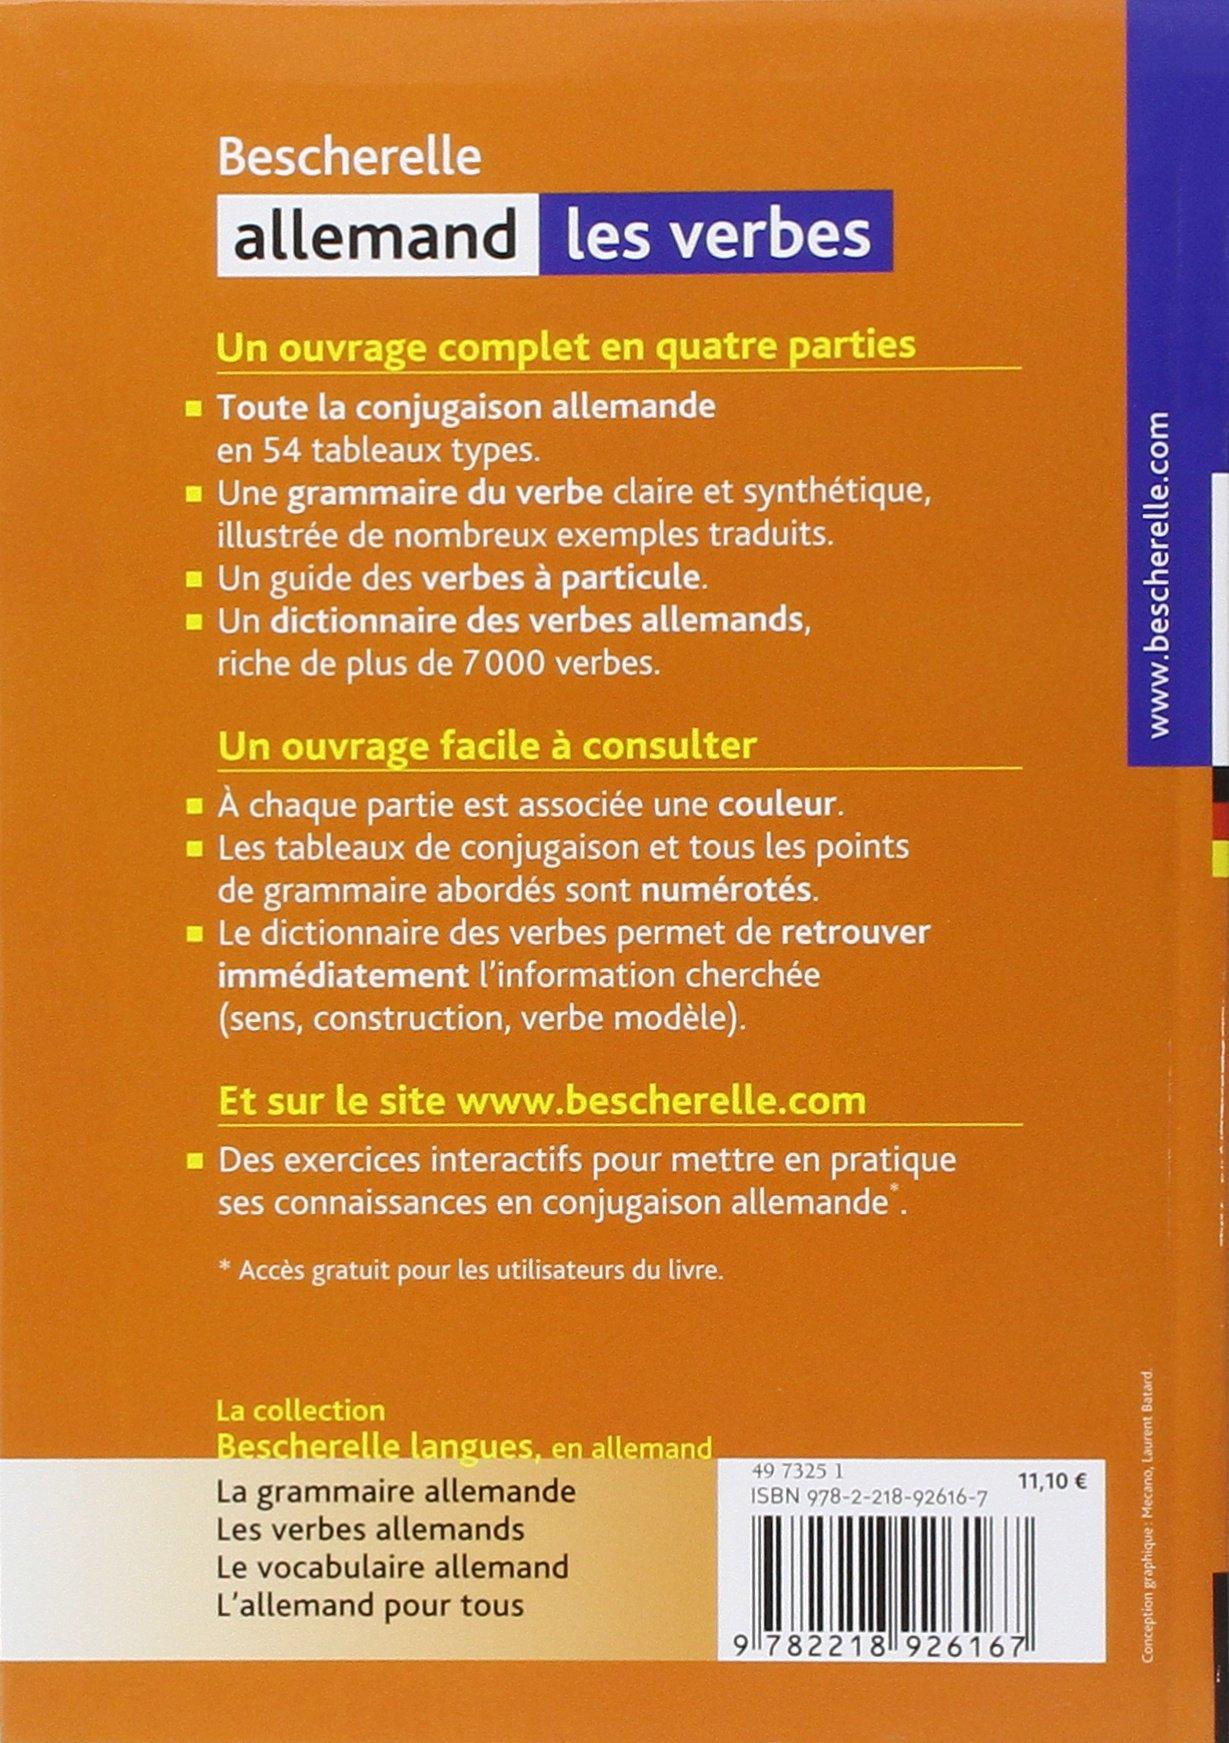 Amazon Fr Bescherelle Allemand Les Verbes Ouvrage De Reference Sur La Conjugaison Allemande Esterle Michel Livres